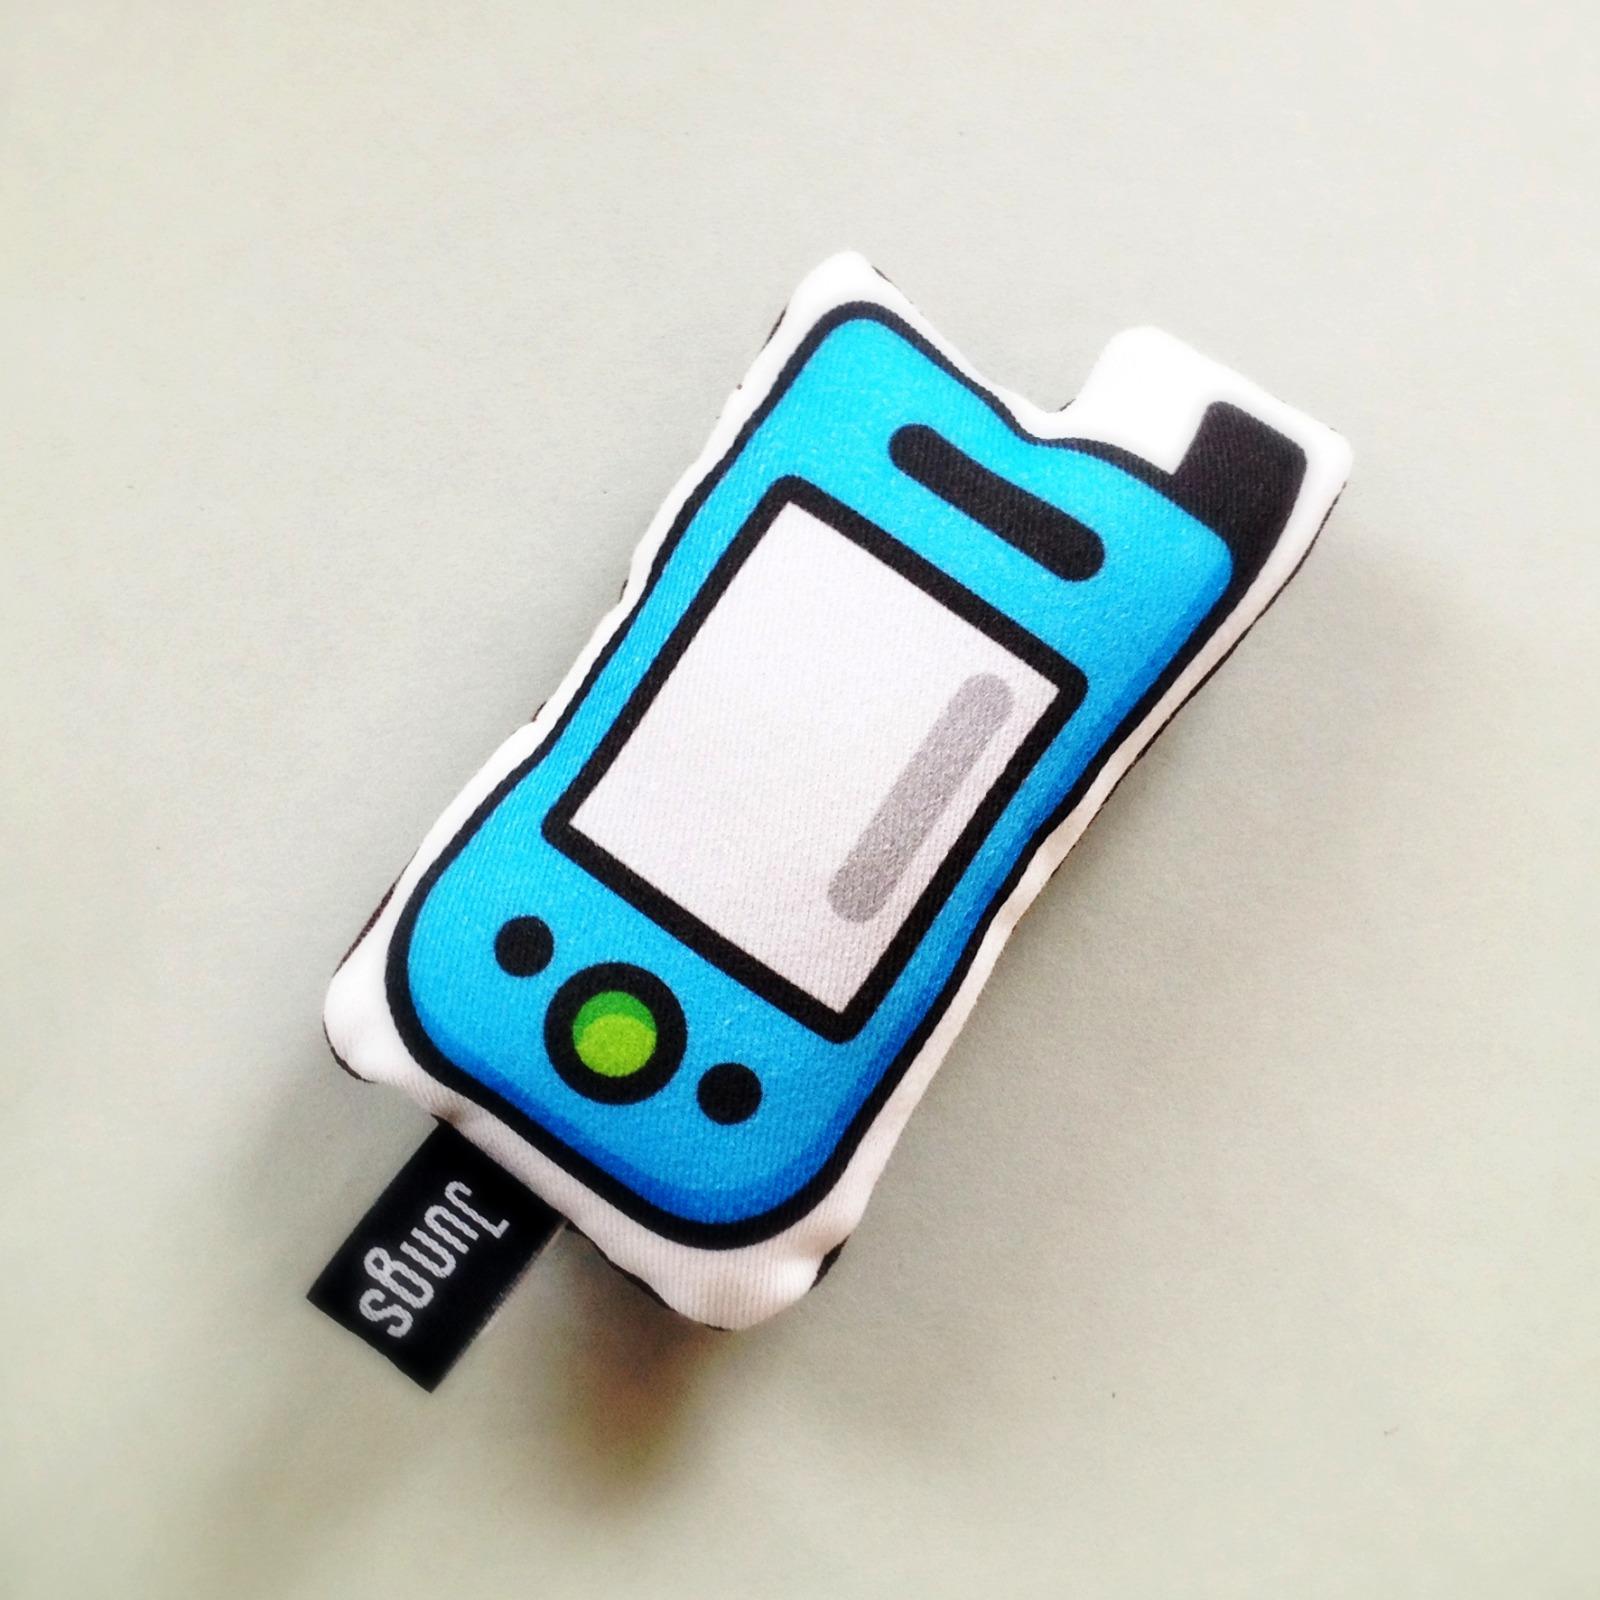 softes Handy mit Quietsche in blau